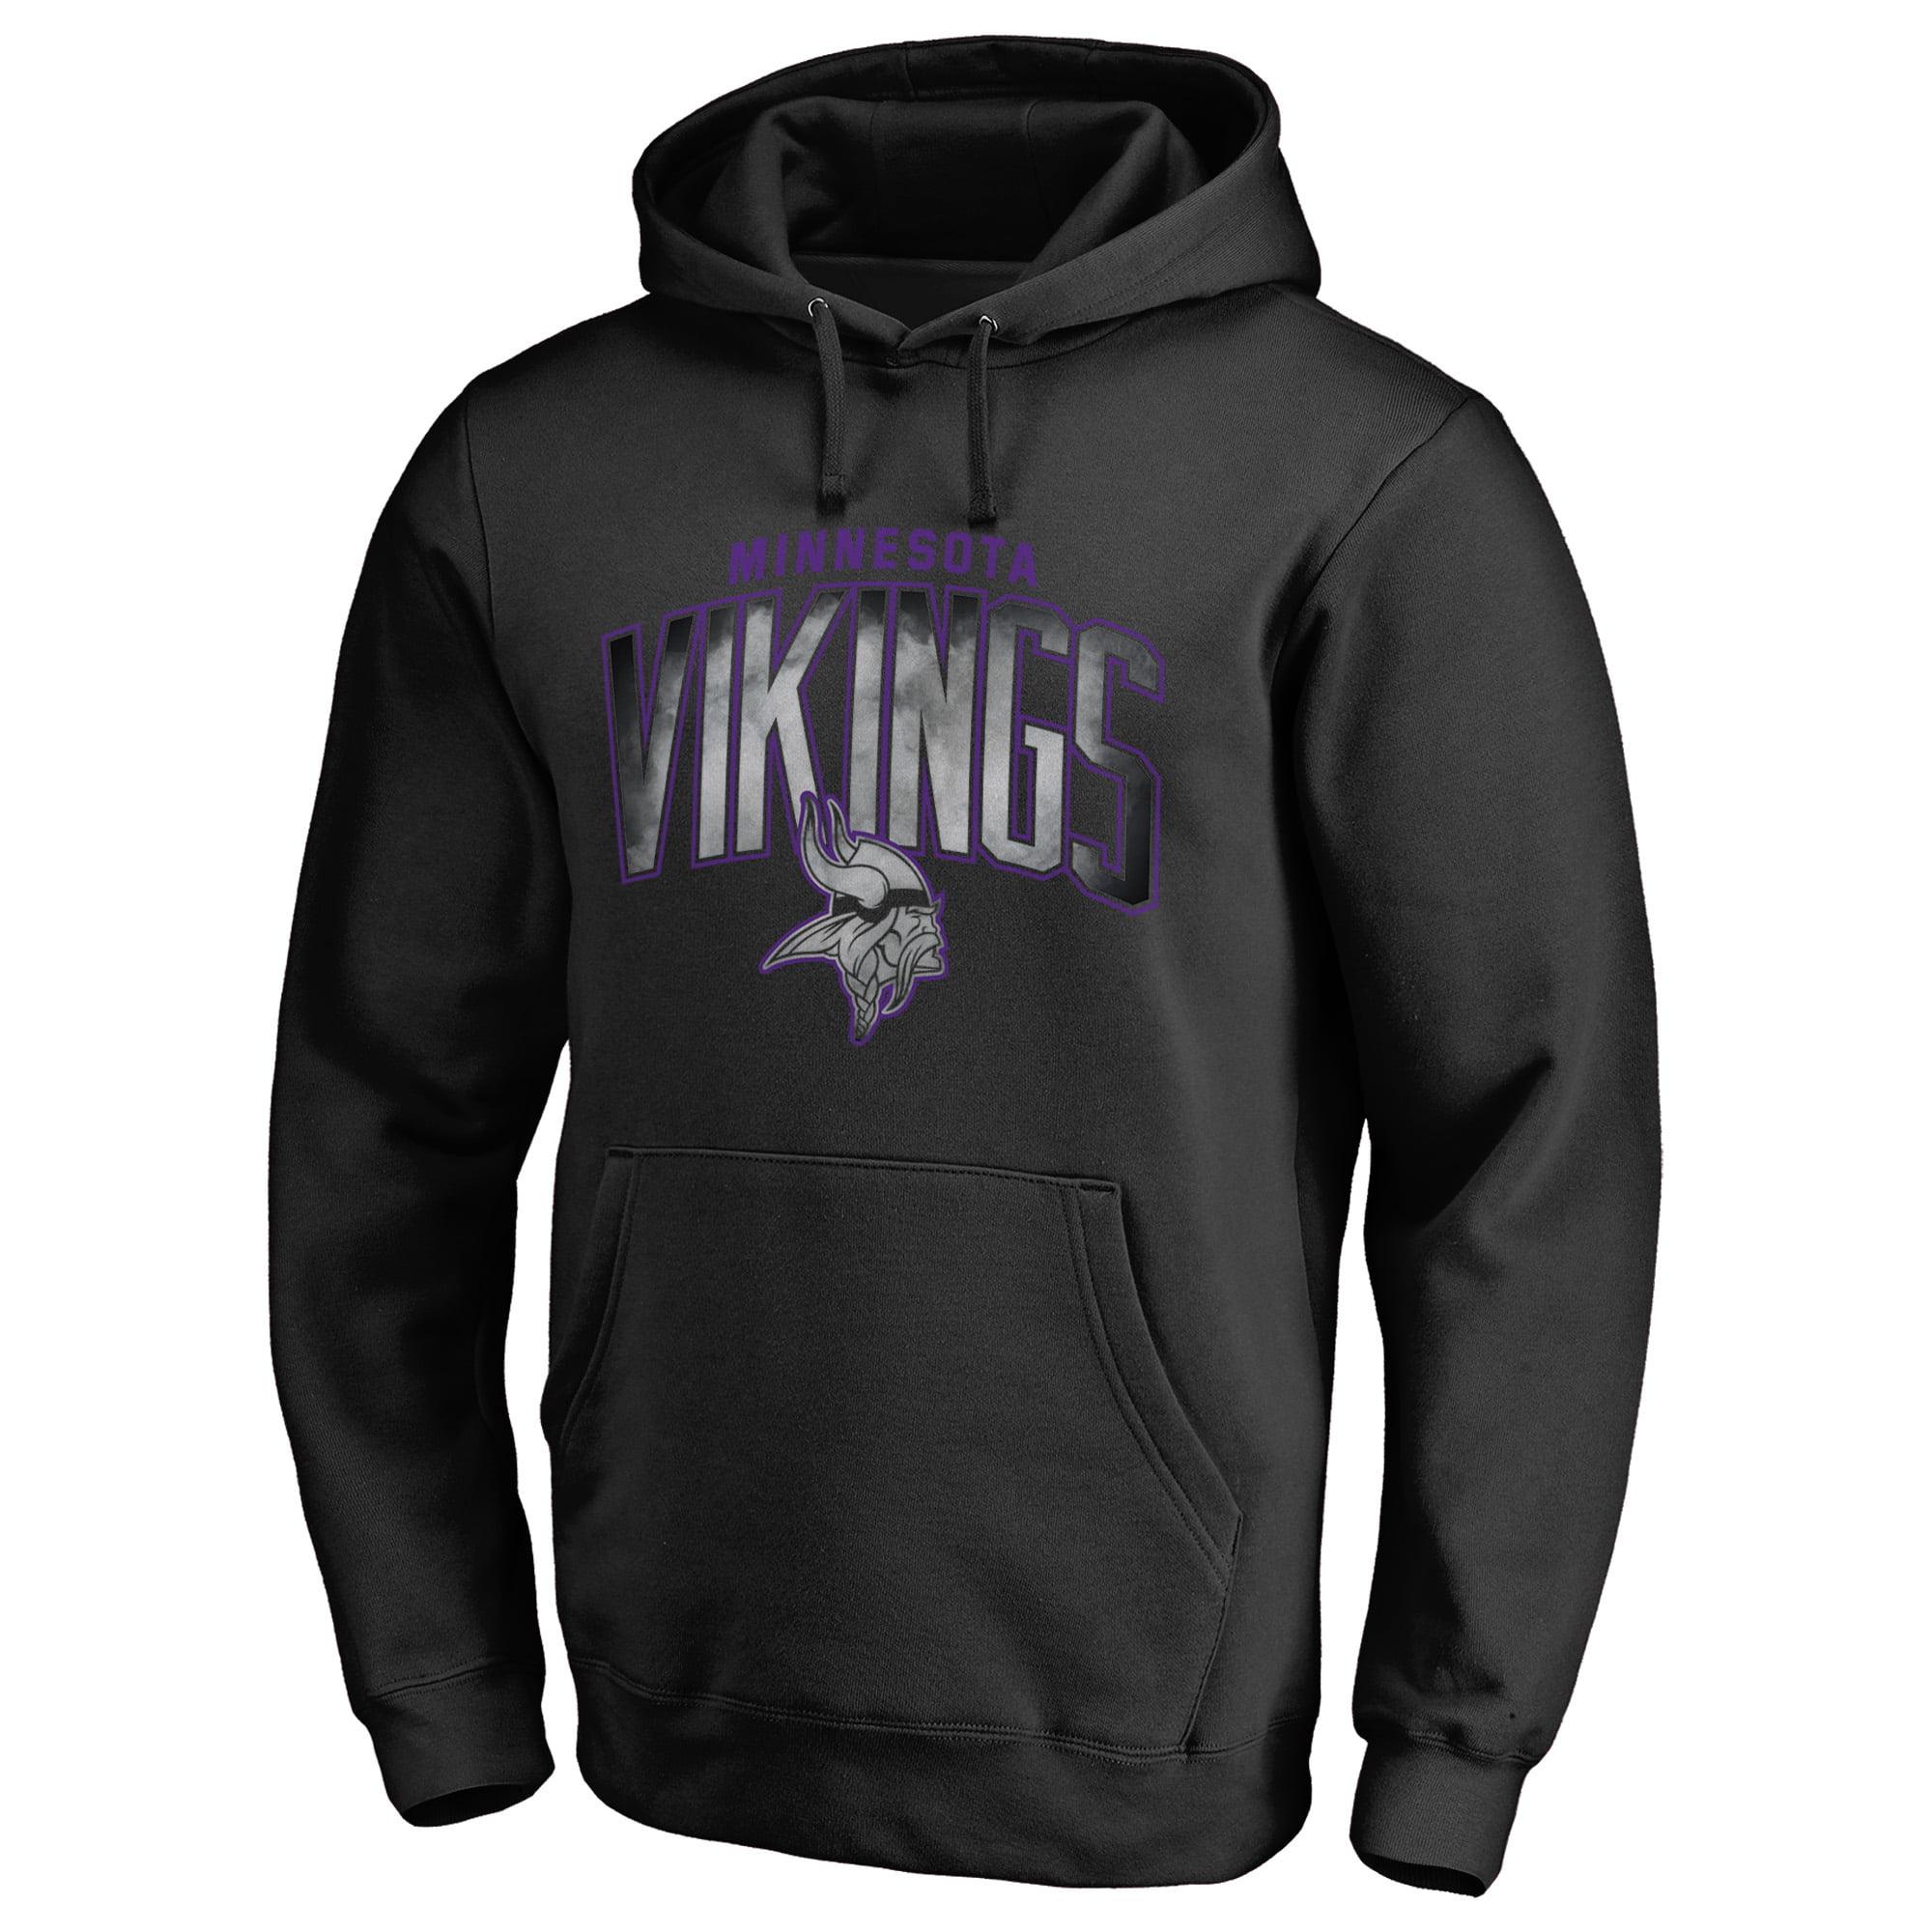 minnesota vikings black sweatshirt